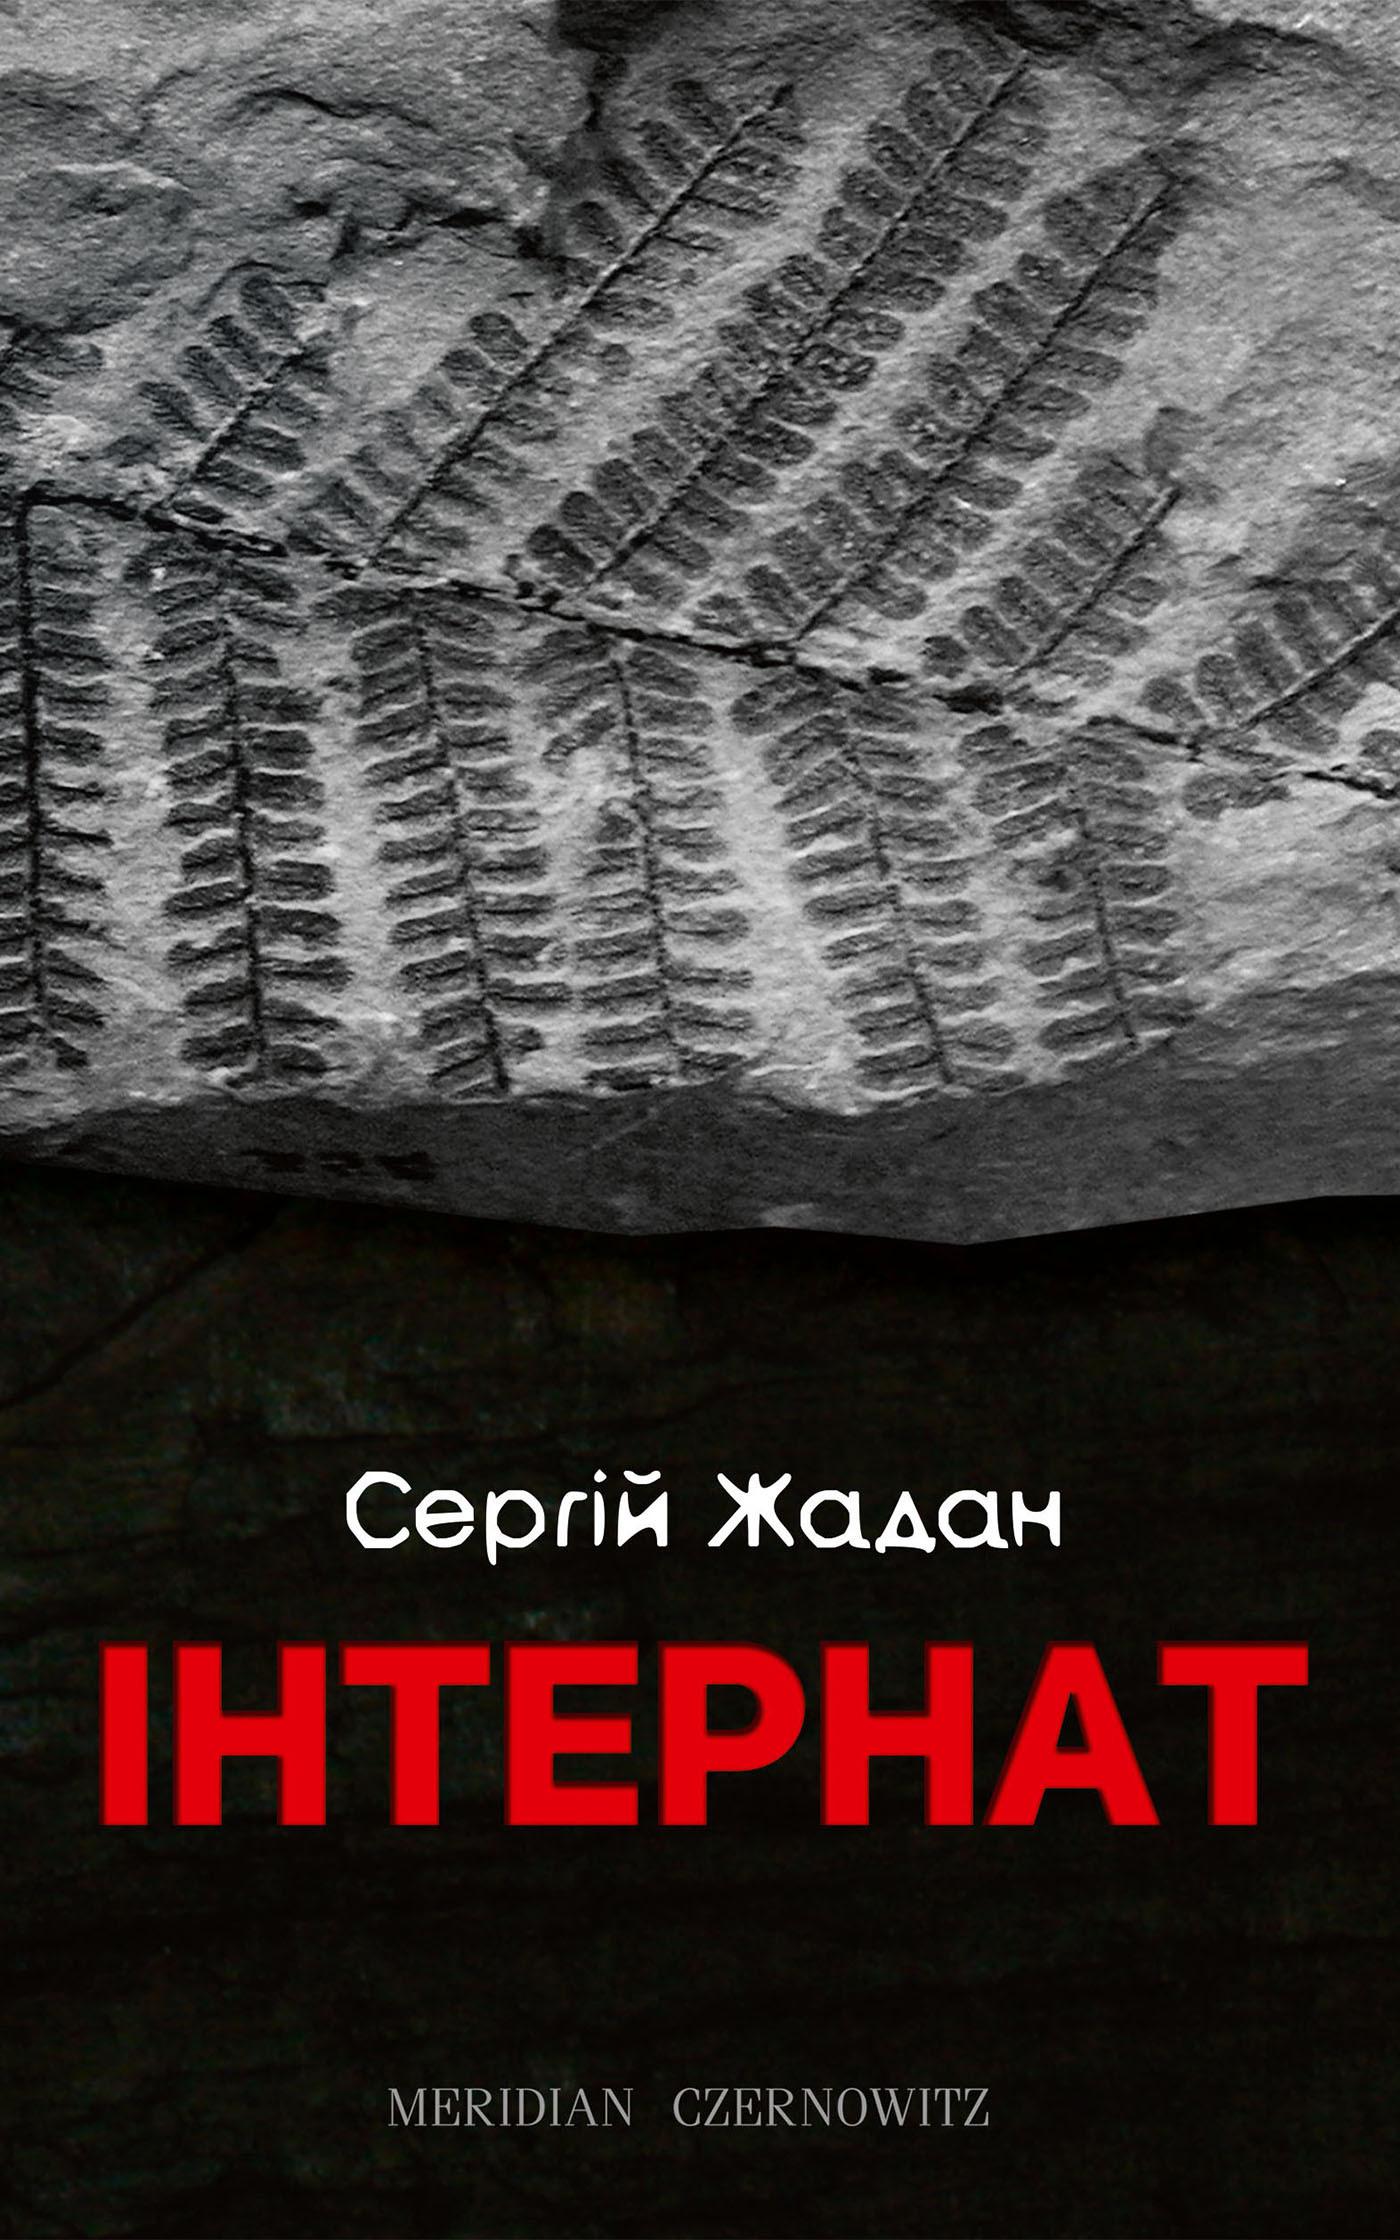 Сергій Жадан. Інтернат